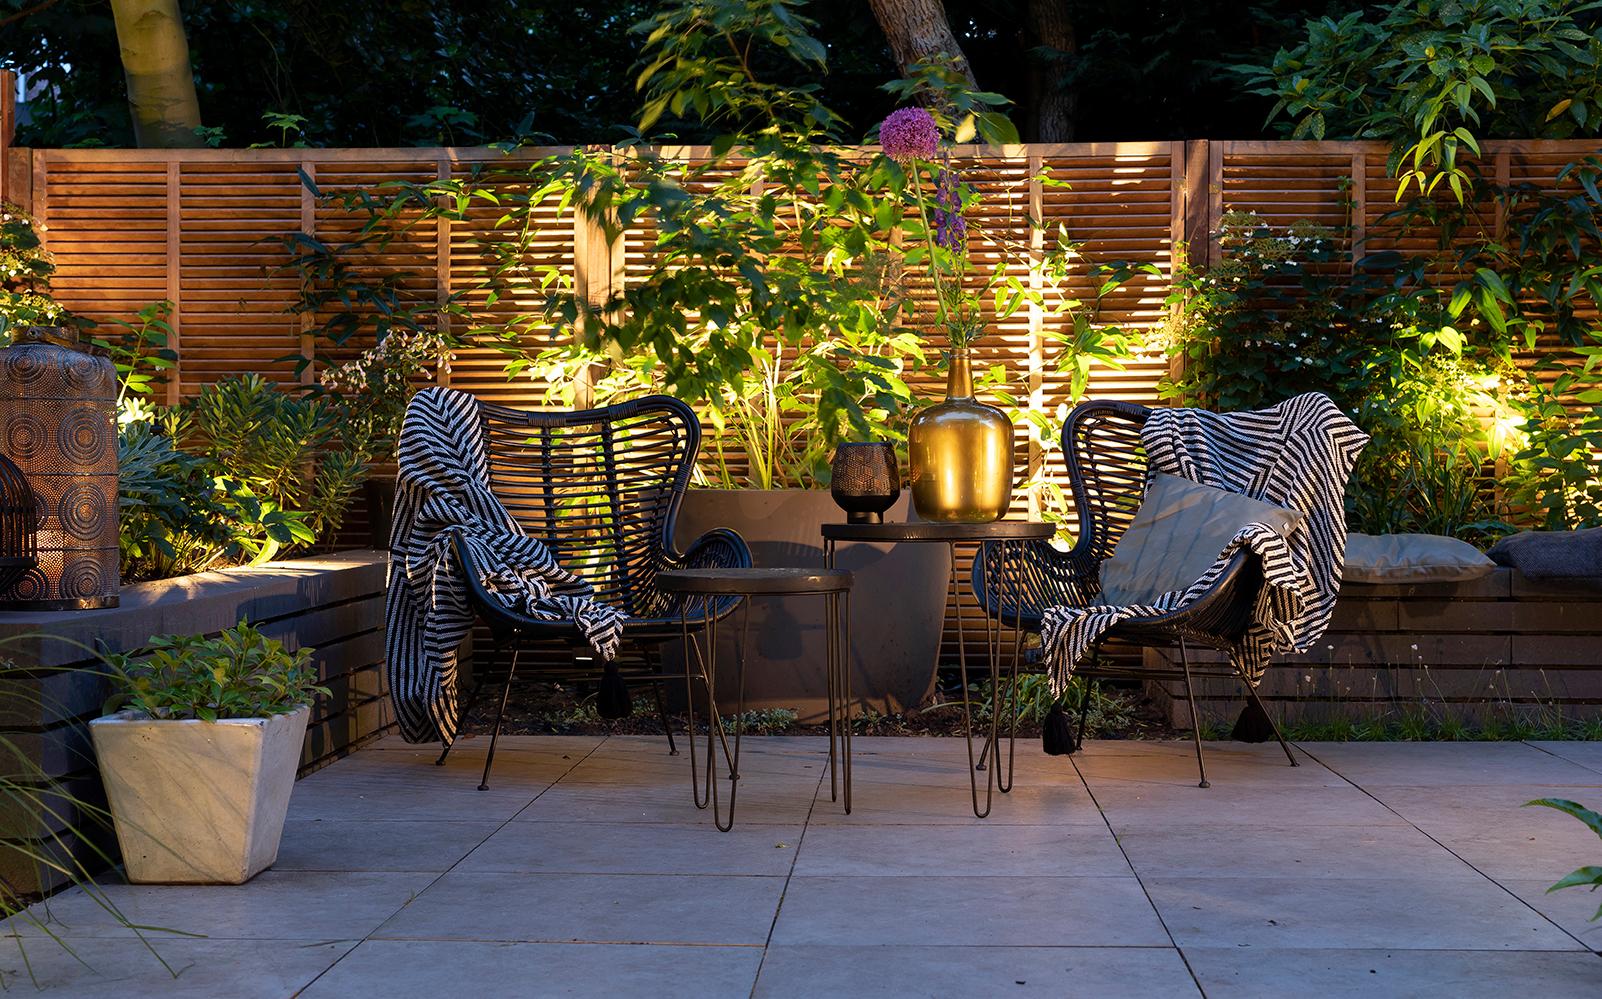 in-lite outdoor lighting, buitenverlichting, groene tuin